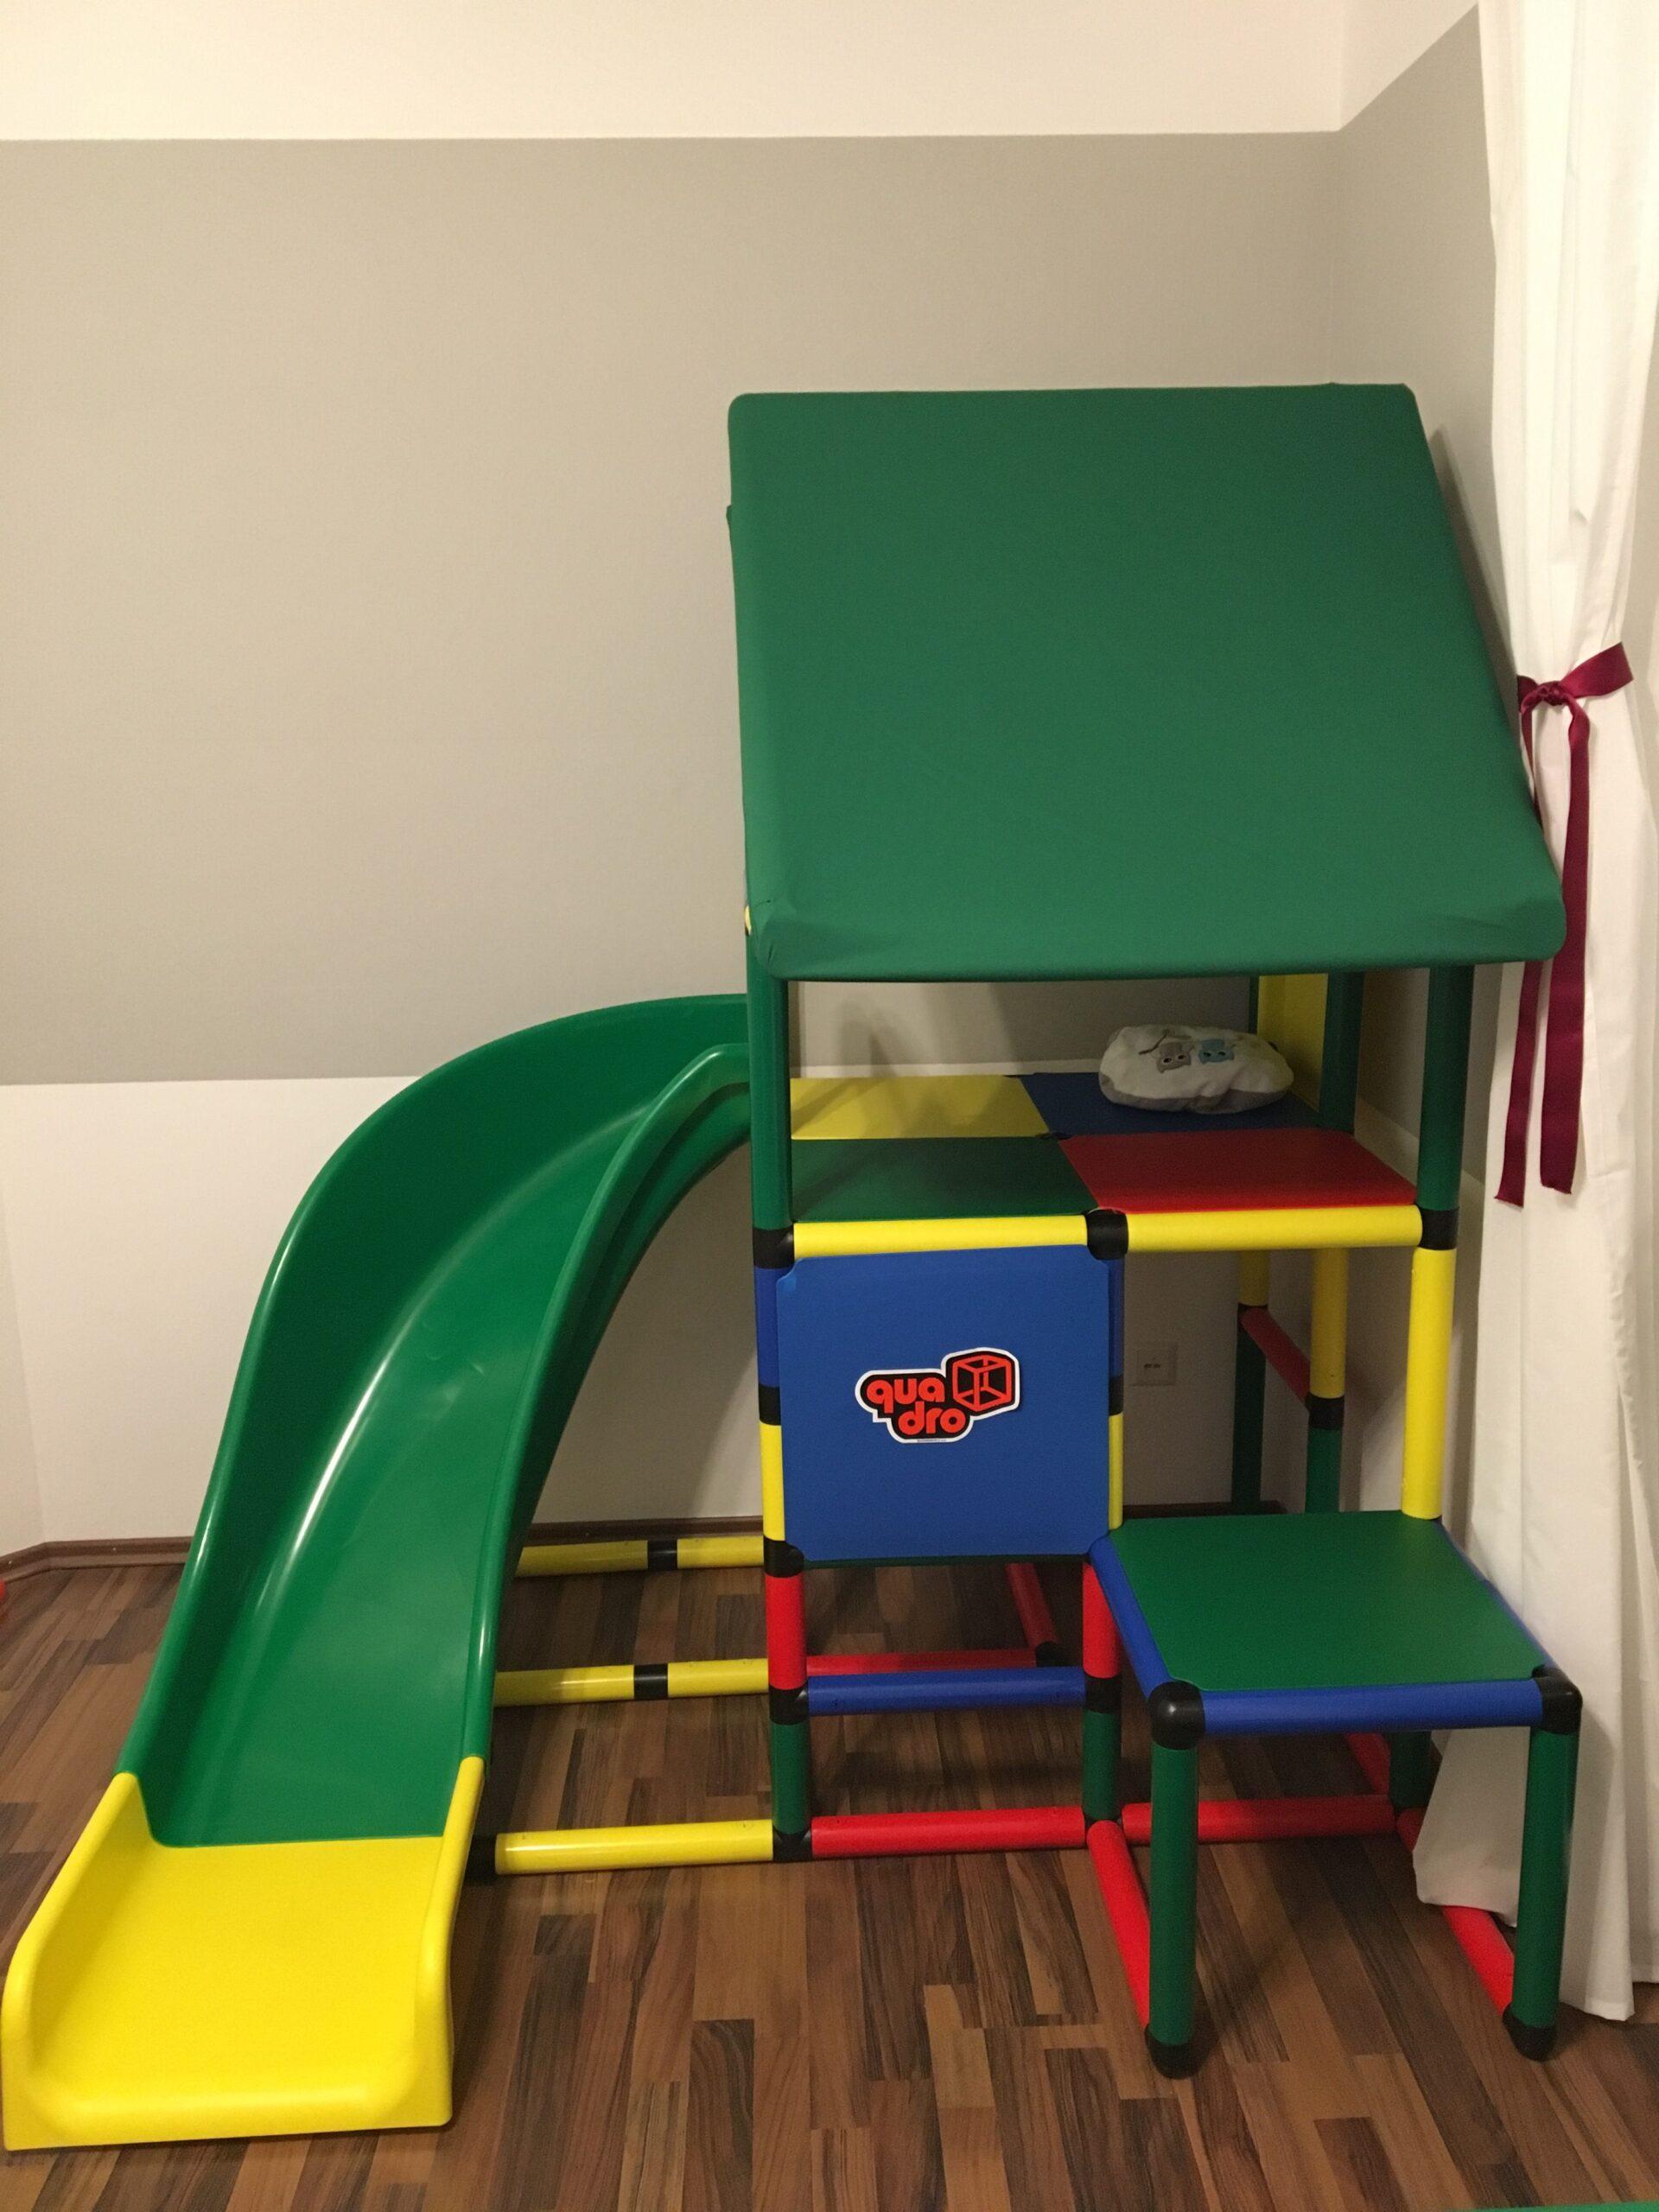 Full Size of Klettergerüst Indoor Diy Ein Traum Kinderzimmer Entsteht Teil 3 Kletterburg Sofa Garten Wohnzimmer Klettergerüst Indoor Diy